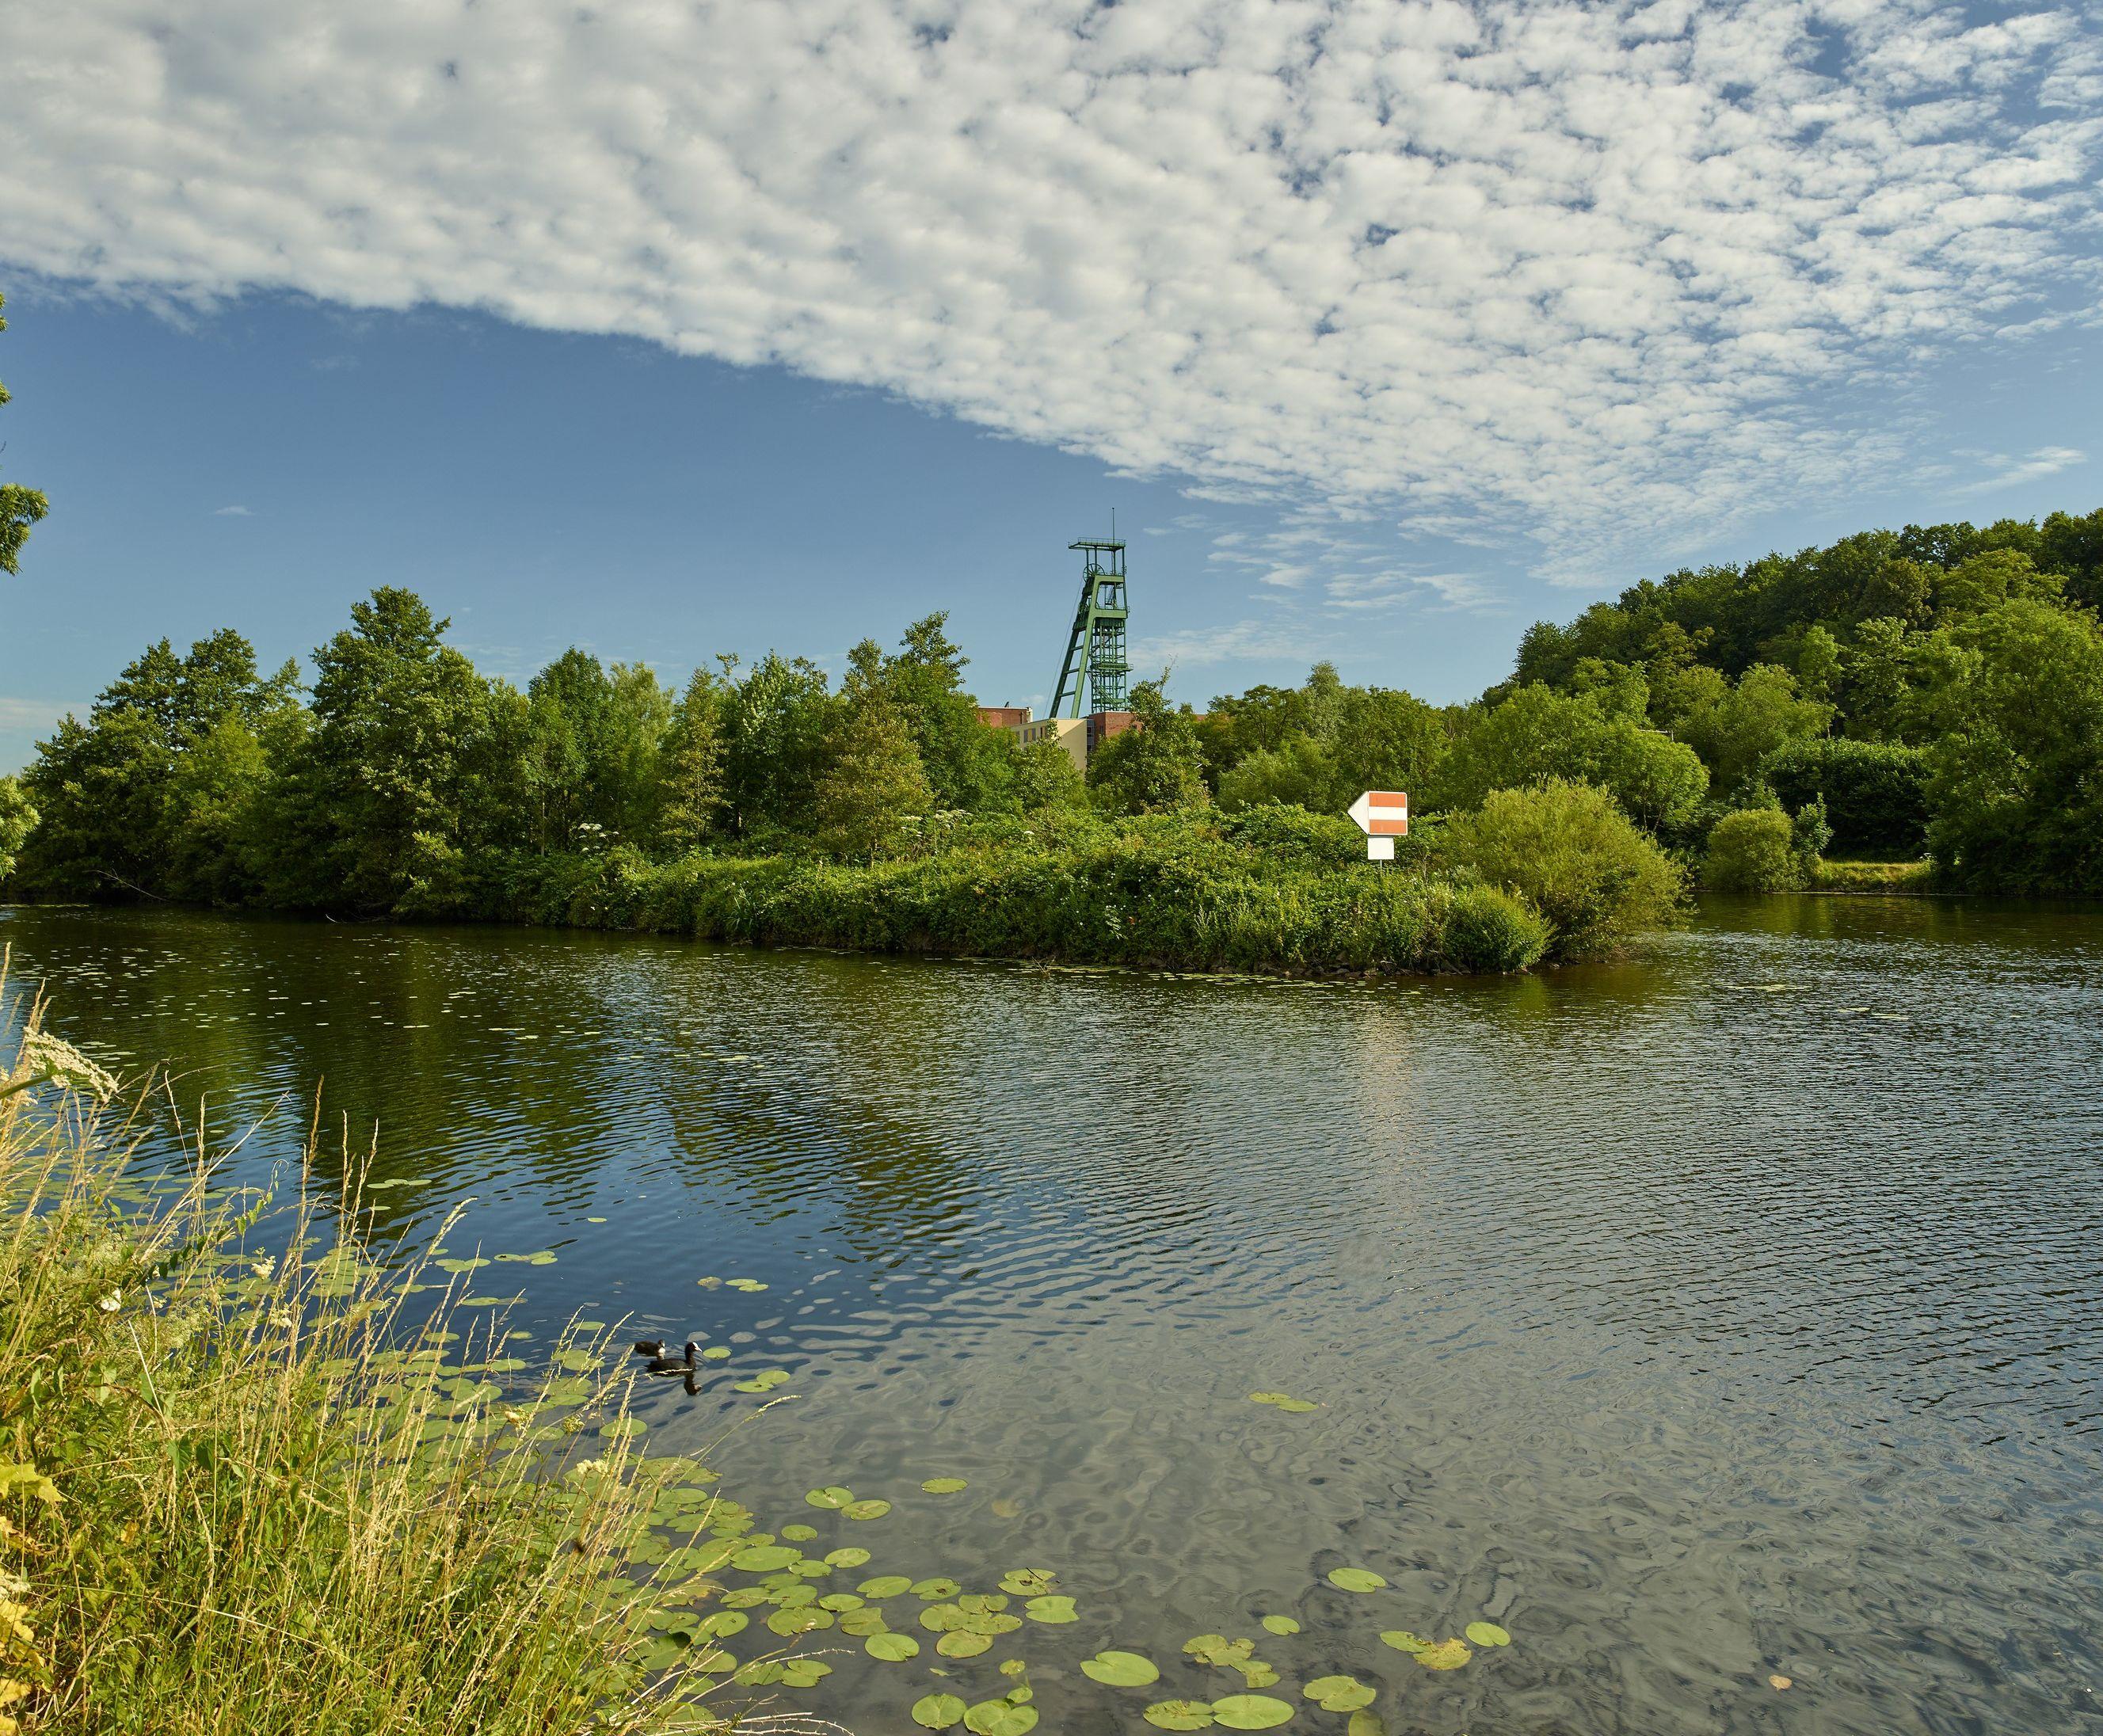 In einigen Bergsenkungsgebieten entstanden ökologisch wertvolle Biotope, die neuen Lebensraum für Pflanzen und Tiere bieten © Dietmar Klingenburg